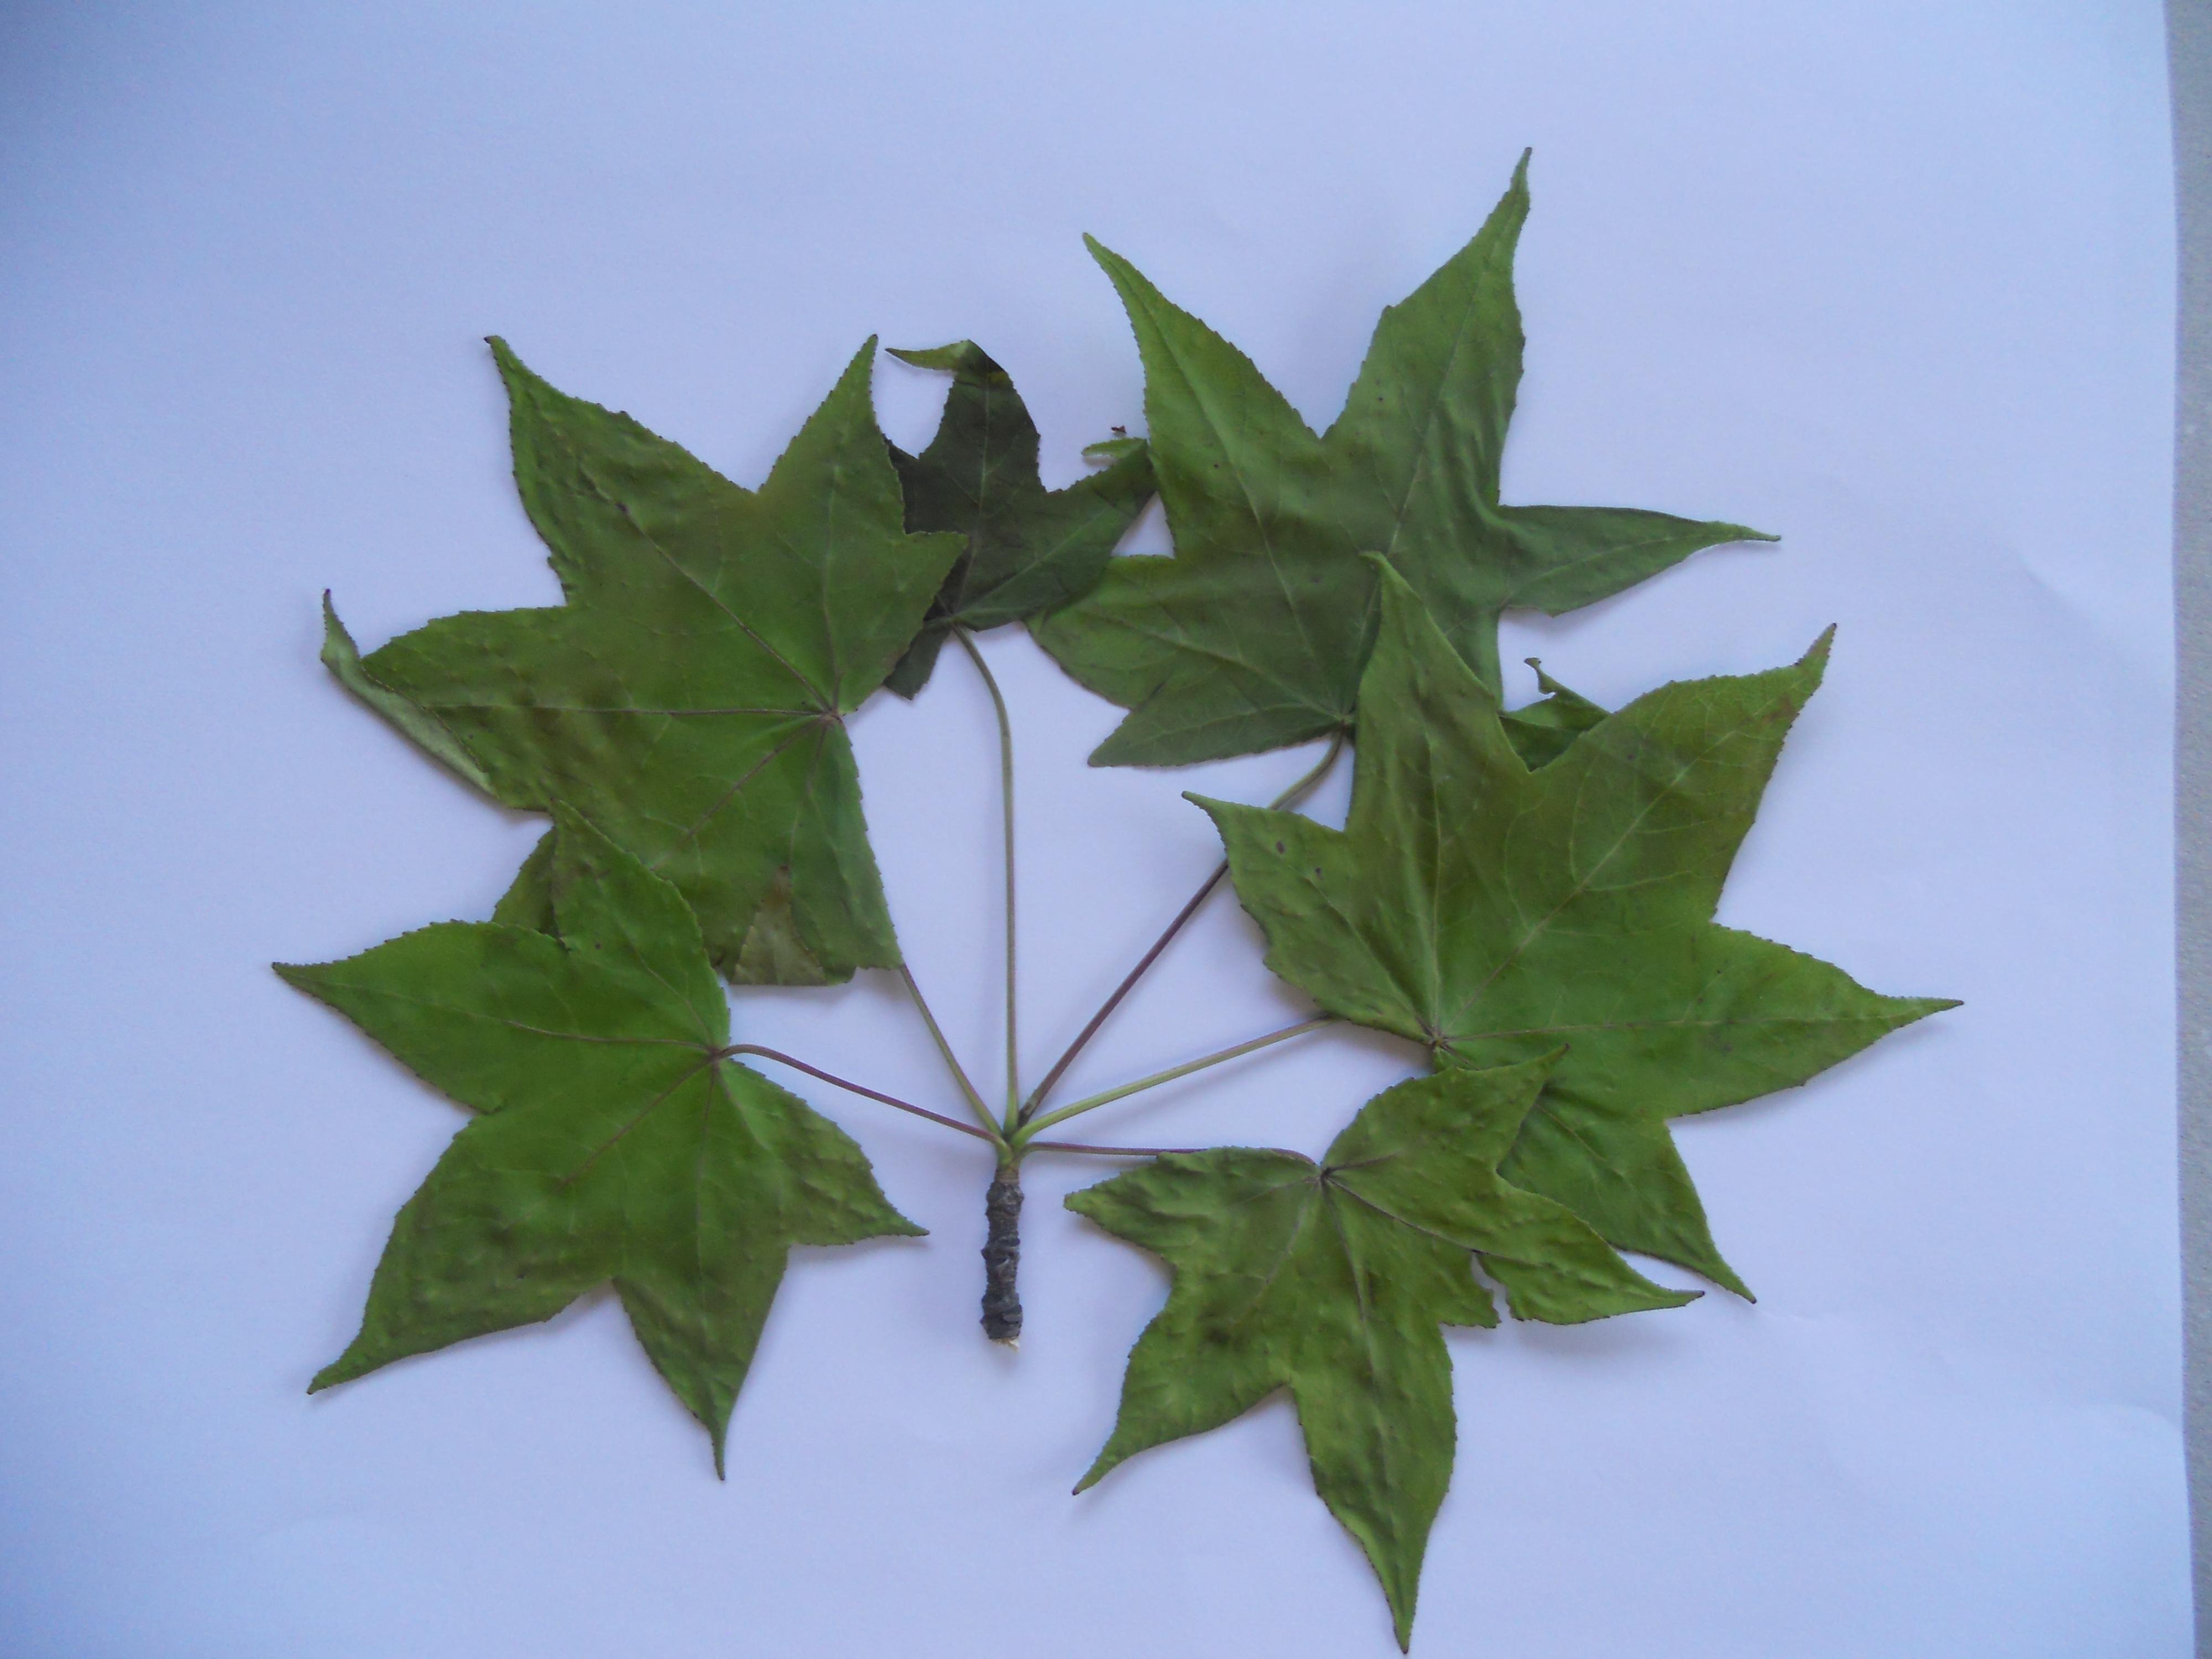 identifie liquidambar styraciflua erable au jardin forum de jardinage. Black Bedroom Furniture Sets. Home Design Ideas